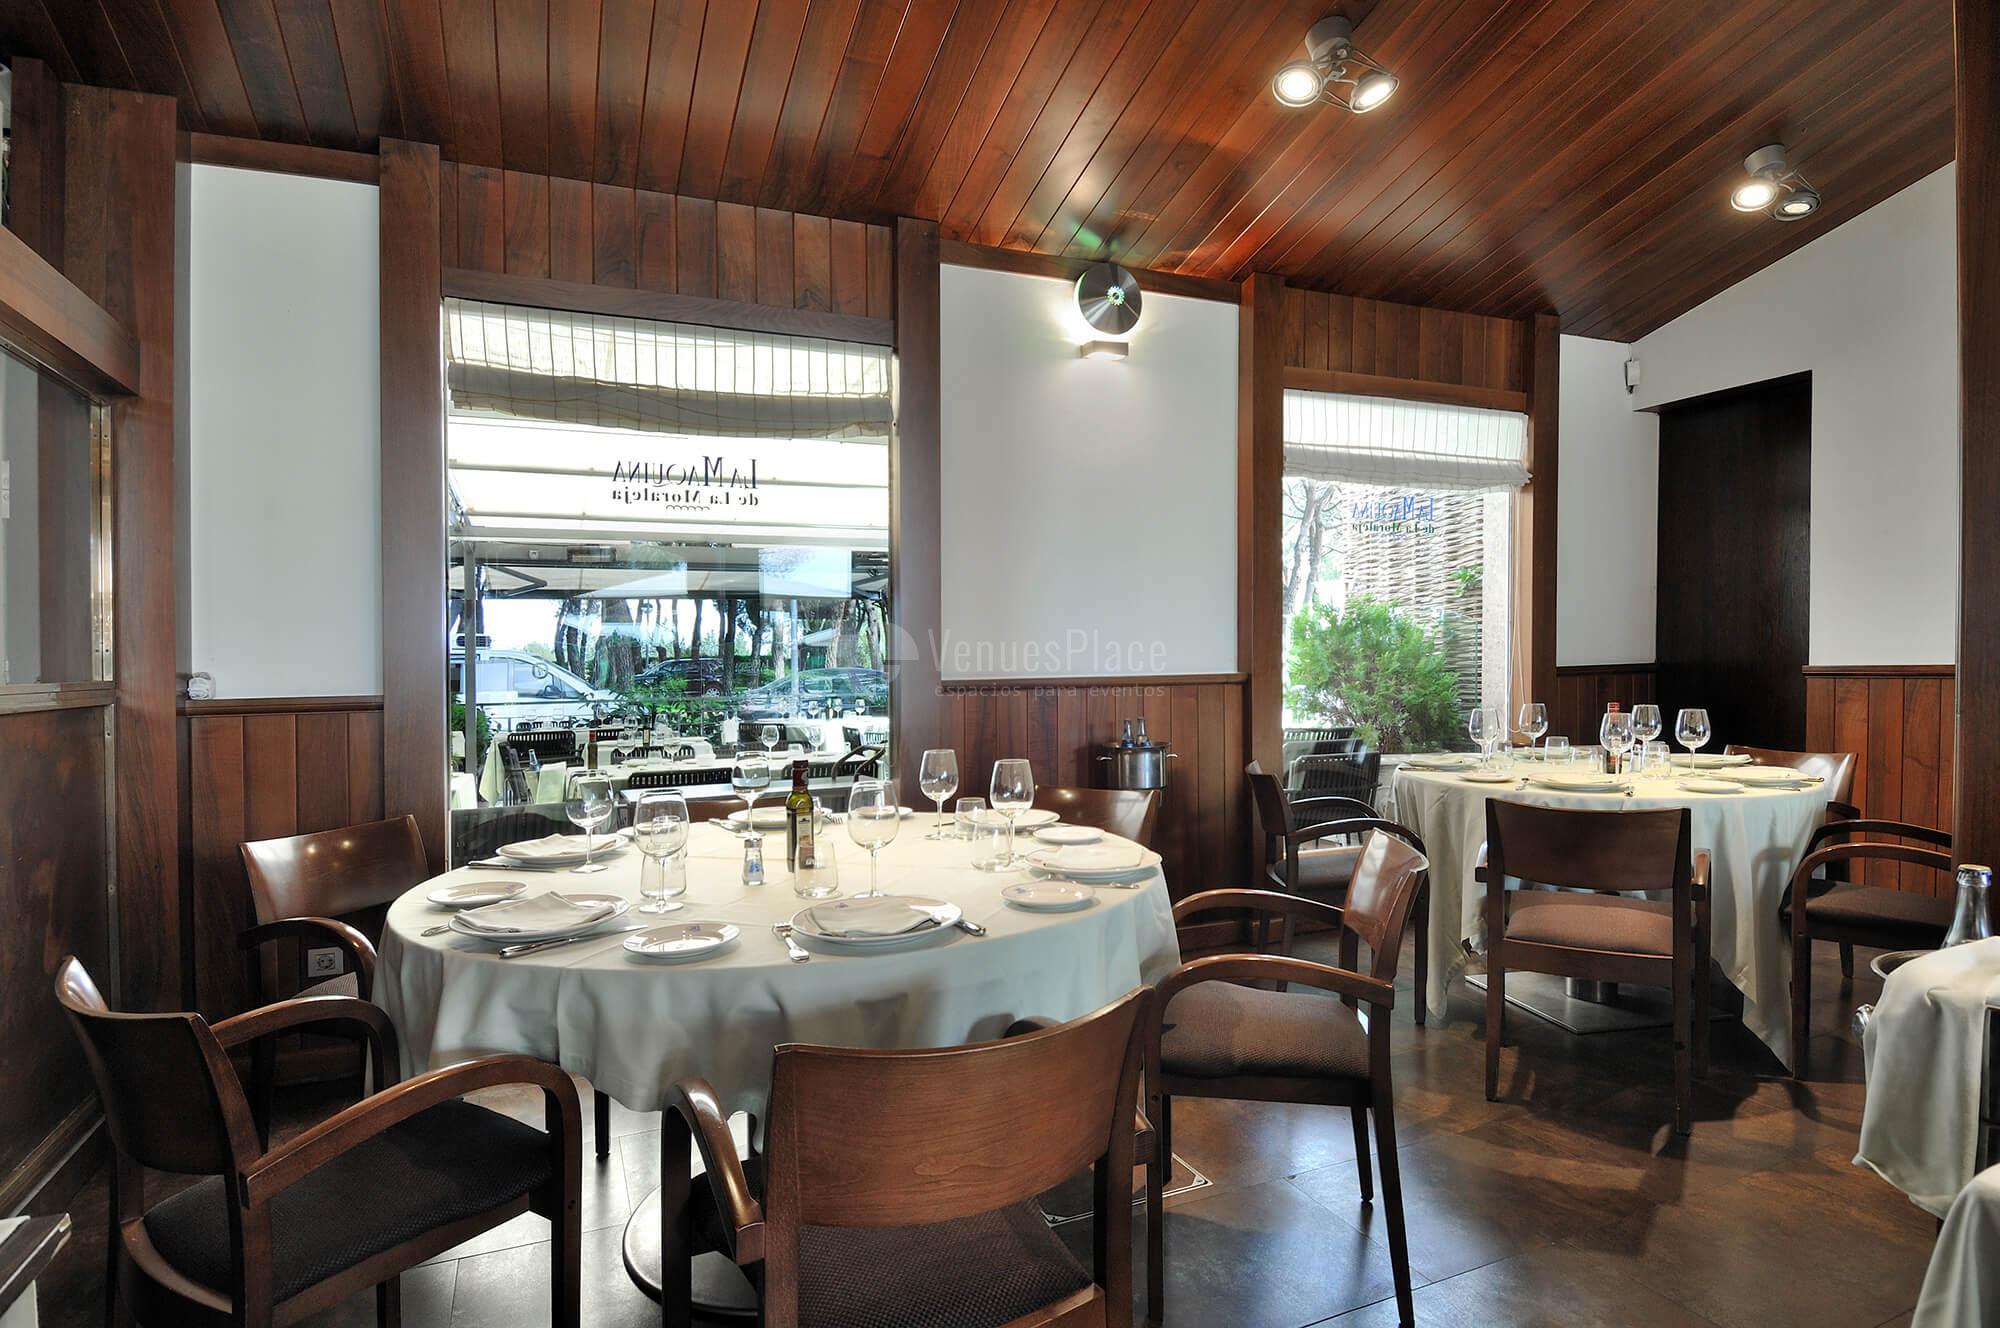 Interiores para tus eventos sociales  y familiares en Restaurante La Máquina de la Moraleja - Grupo La Máquina